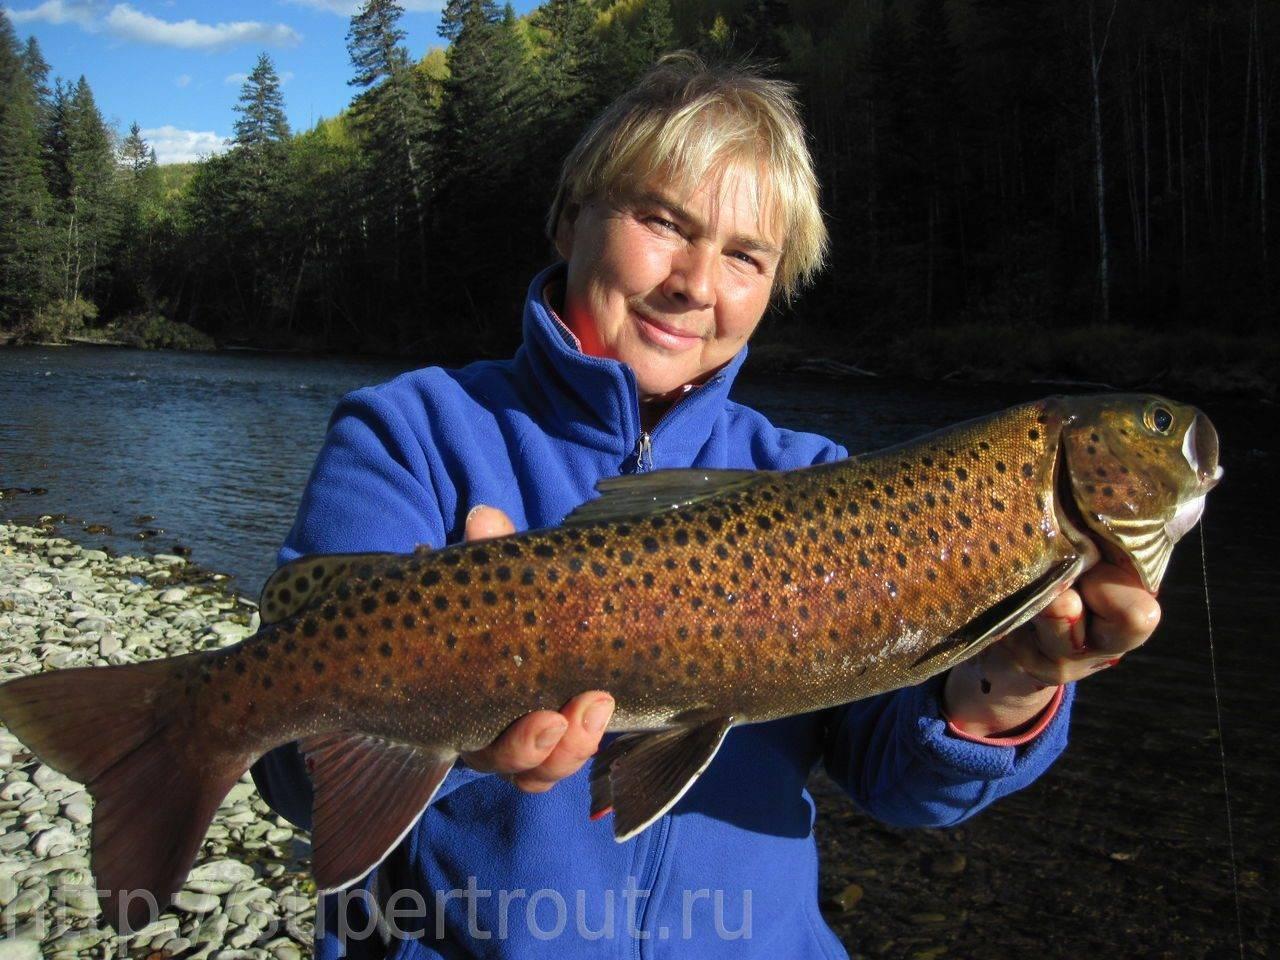 Особенности ловли рыбы ленок и фото с рыбных мест